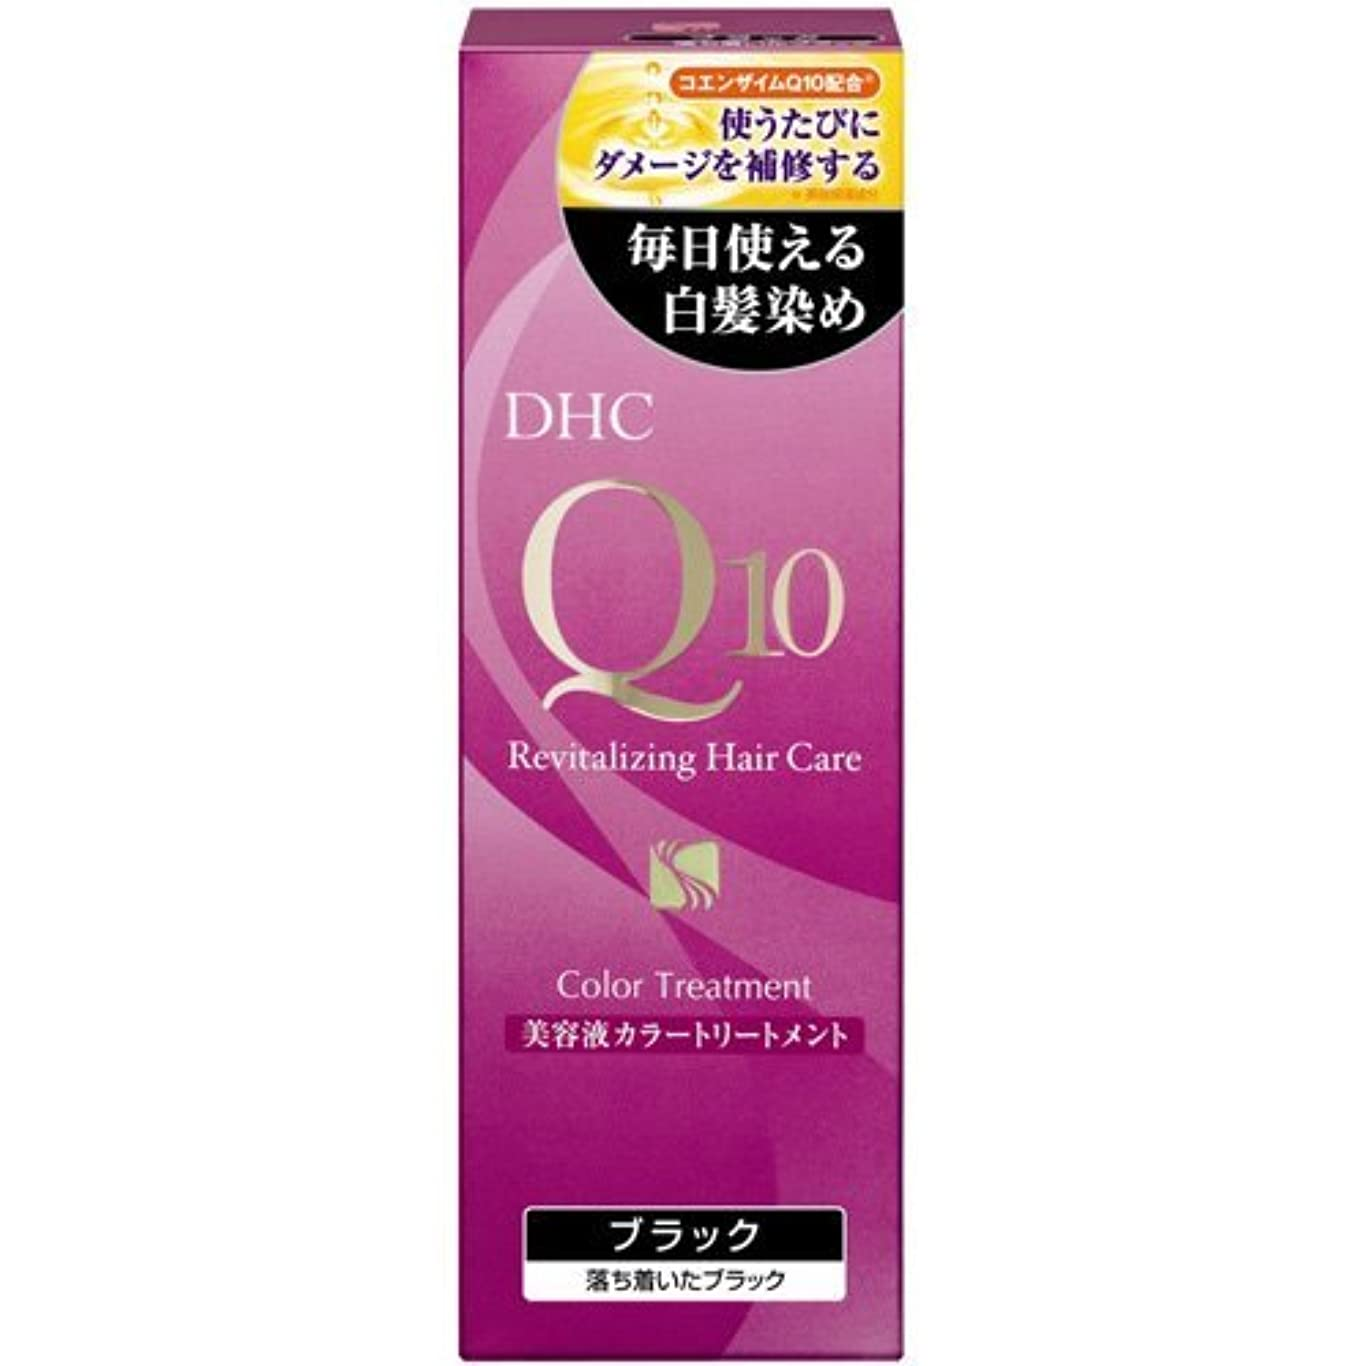 評論家治療のど【まとめ買い】DHC Q10美溶液カラートリートメントブラックSS170g ×10個